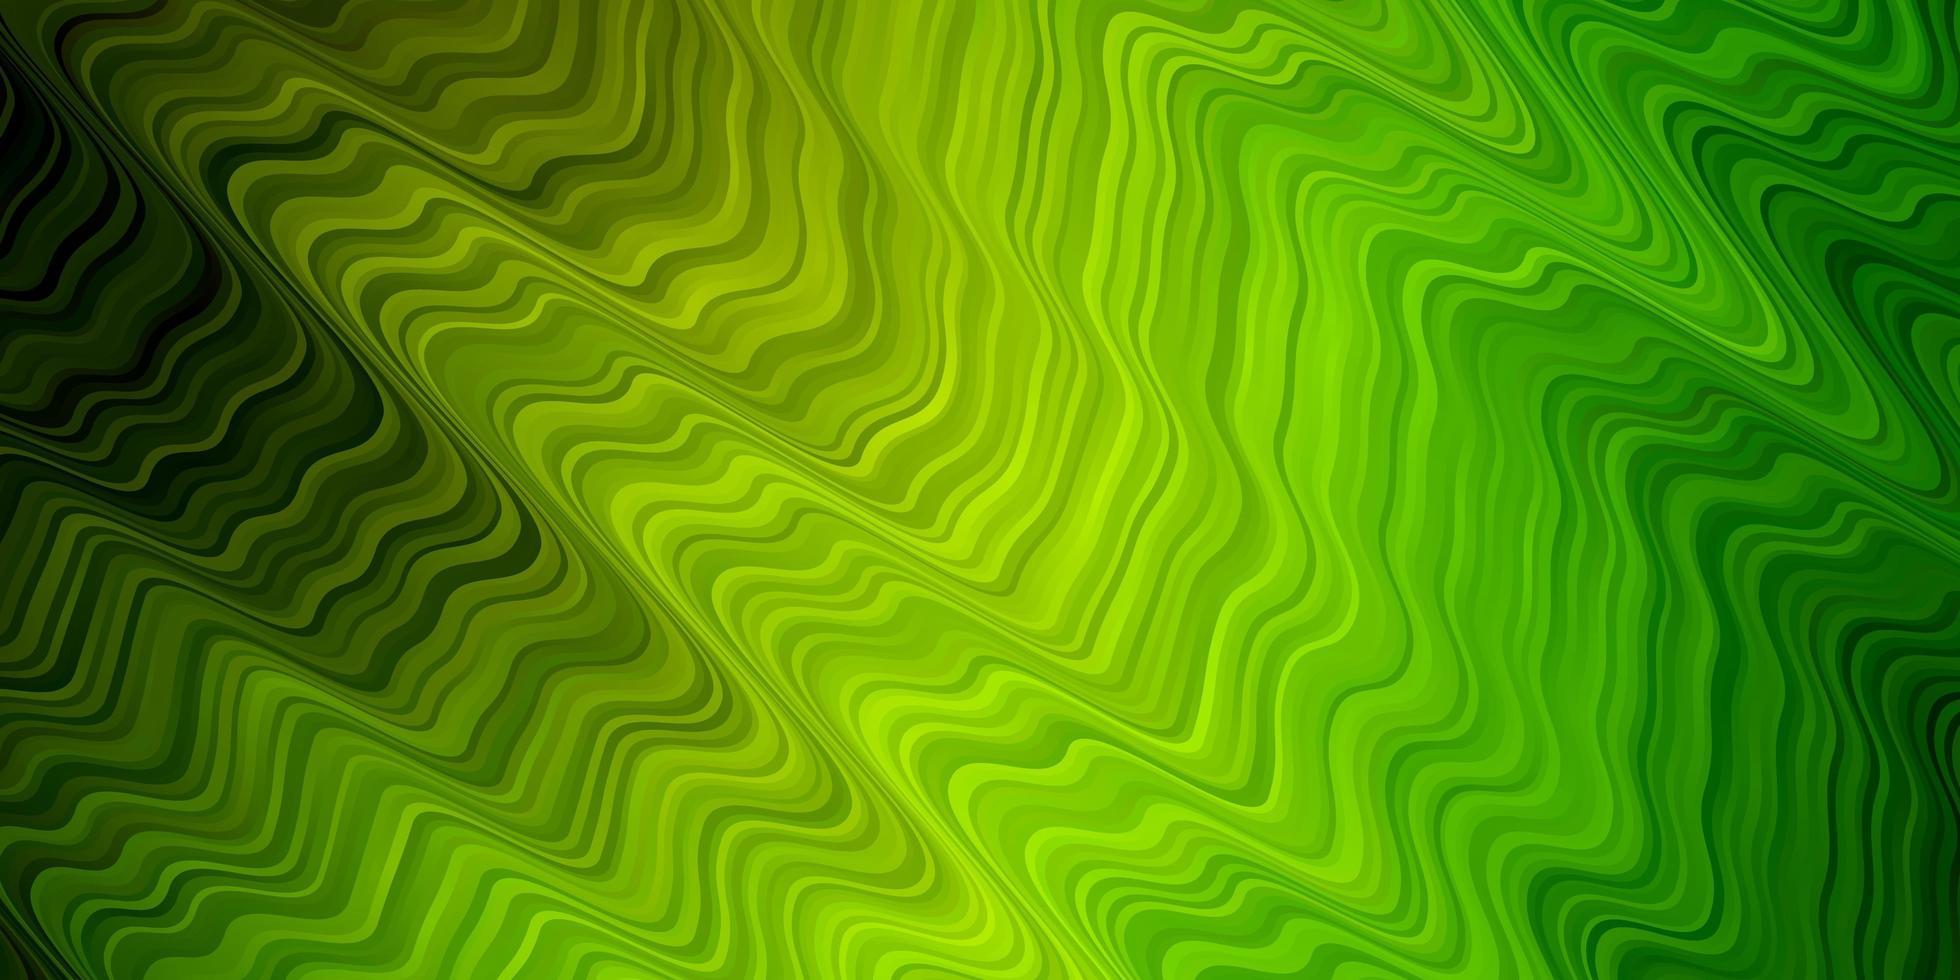 ljusgrön, gul vektorstruktur med cirkelbåge. vektor